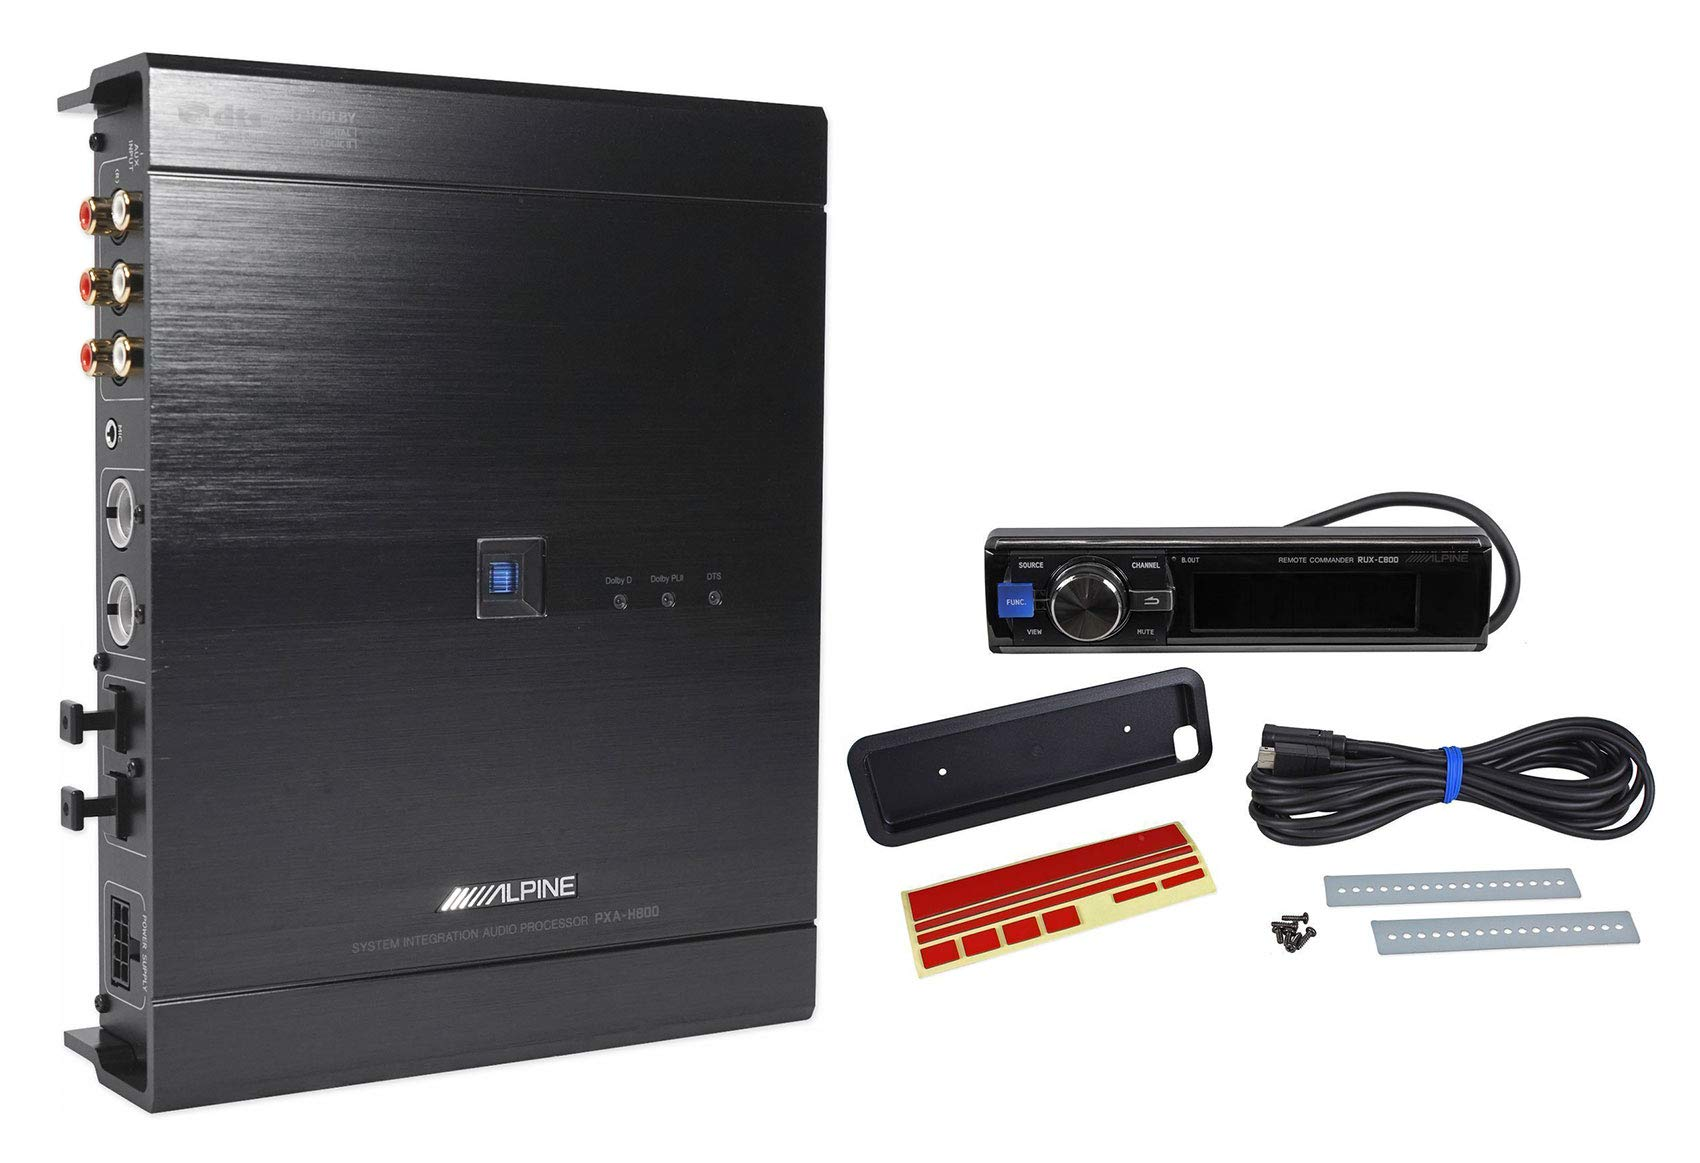 Alpine PXA-H800 Imprint Digital Car Audio OEM Sound Processor+1-Din Controller